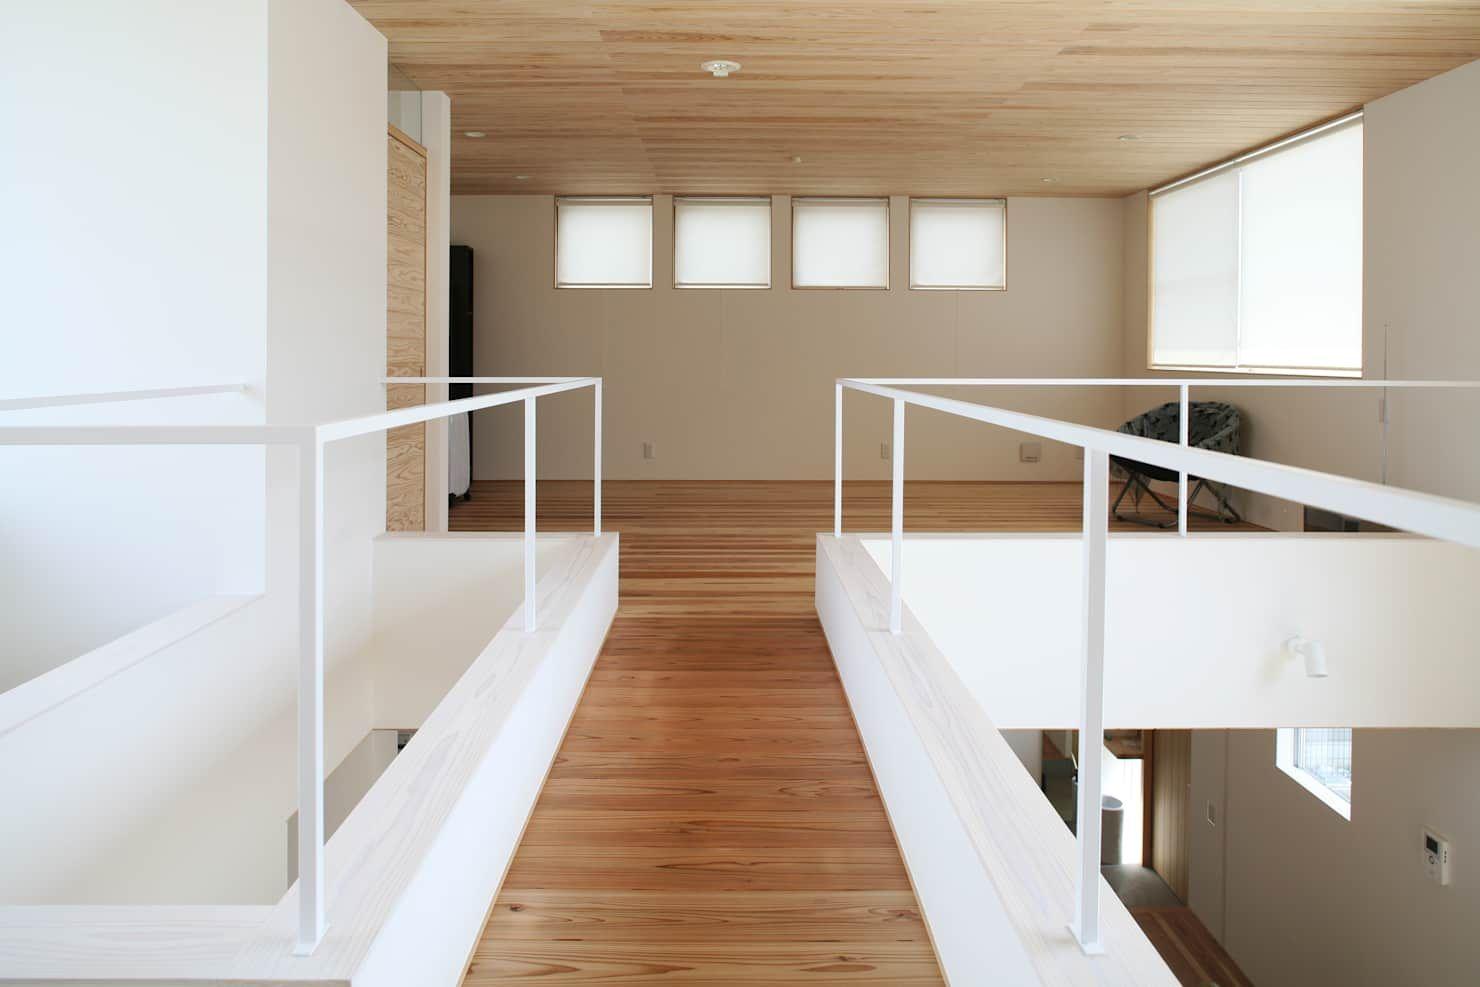 子供室と寝室を繋ぐ渡り廊下 北欧スタイルの 玄関 廊下 階段 の